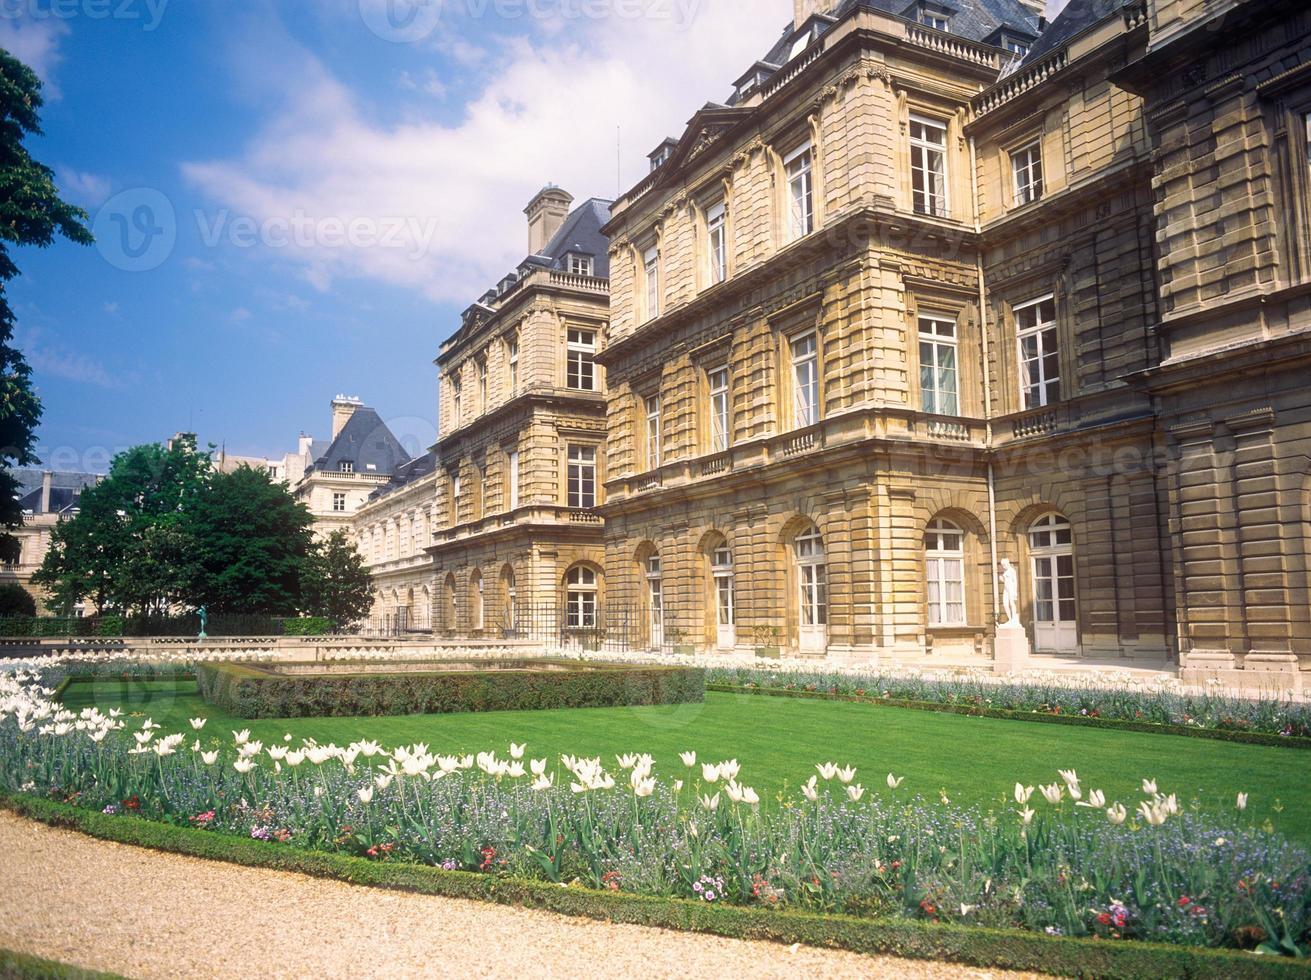 jardin du luxembourg. foto